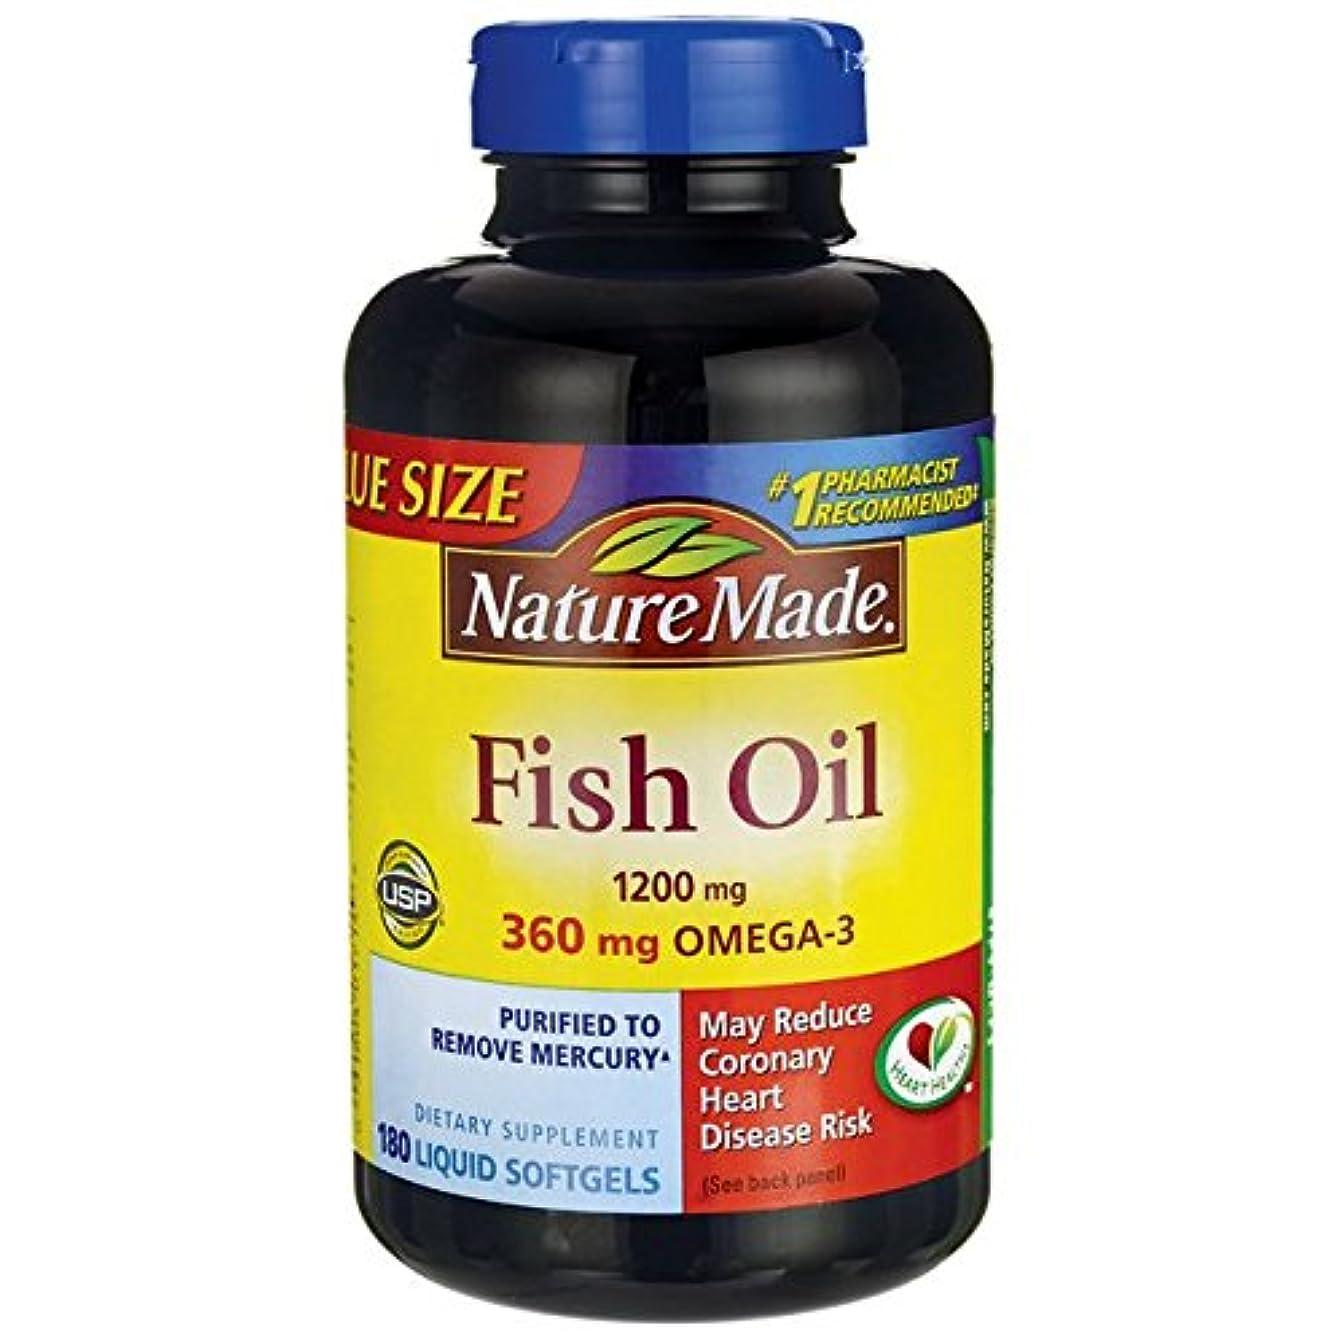 定刻保安親愛なNature Made Fish Oil Omega-3 1200mg, (180 Liquid Soft Gels) by Nature Made